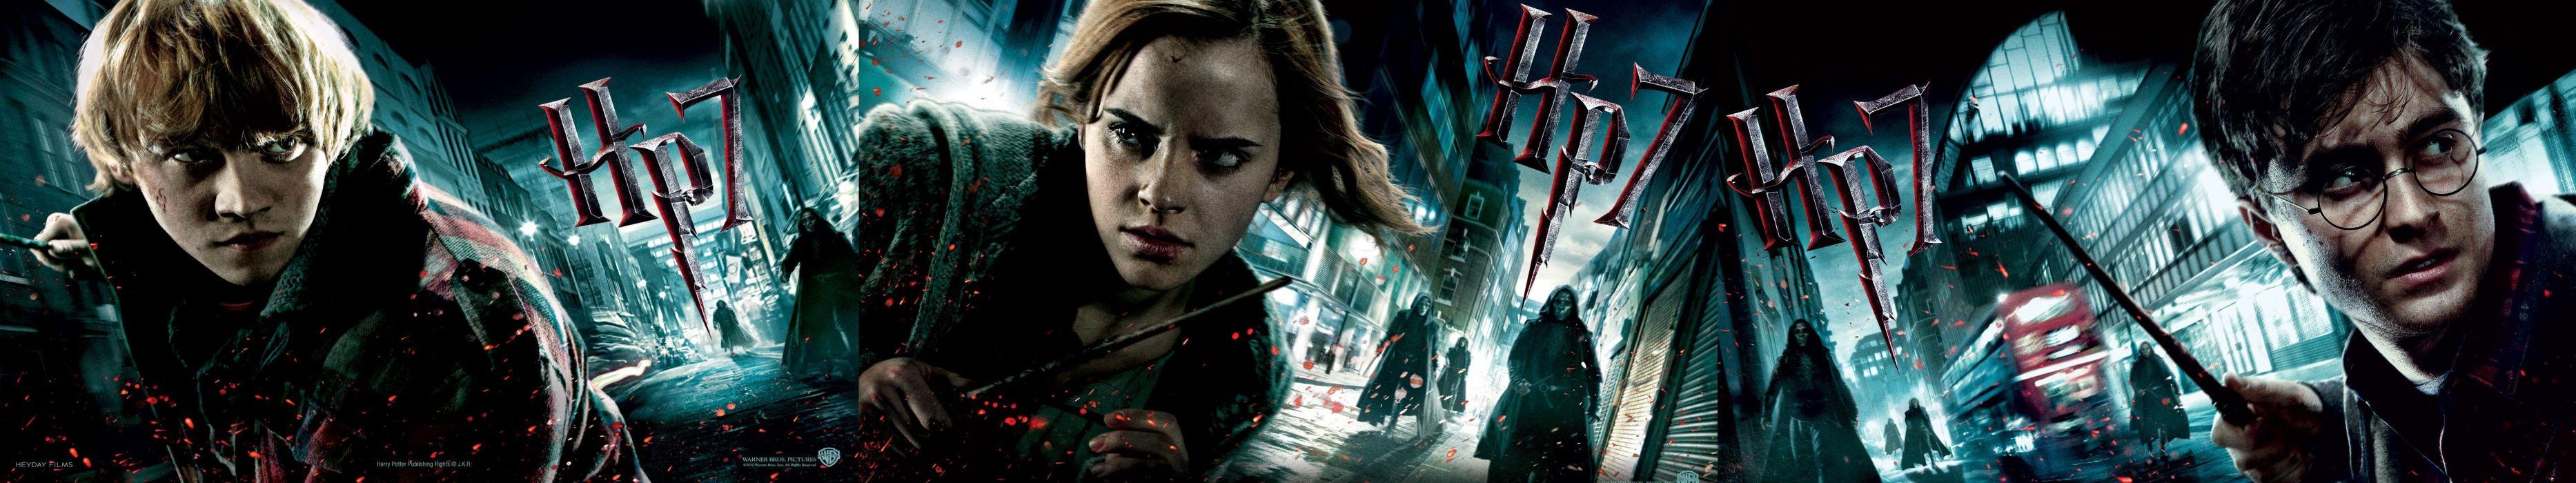 triple monitor multiple screen multi Harry Potter Hermione Granger Ron Weasley Daniel Radcliffe Rupert Grint Emma Watson wallpaper